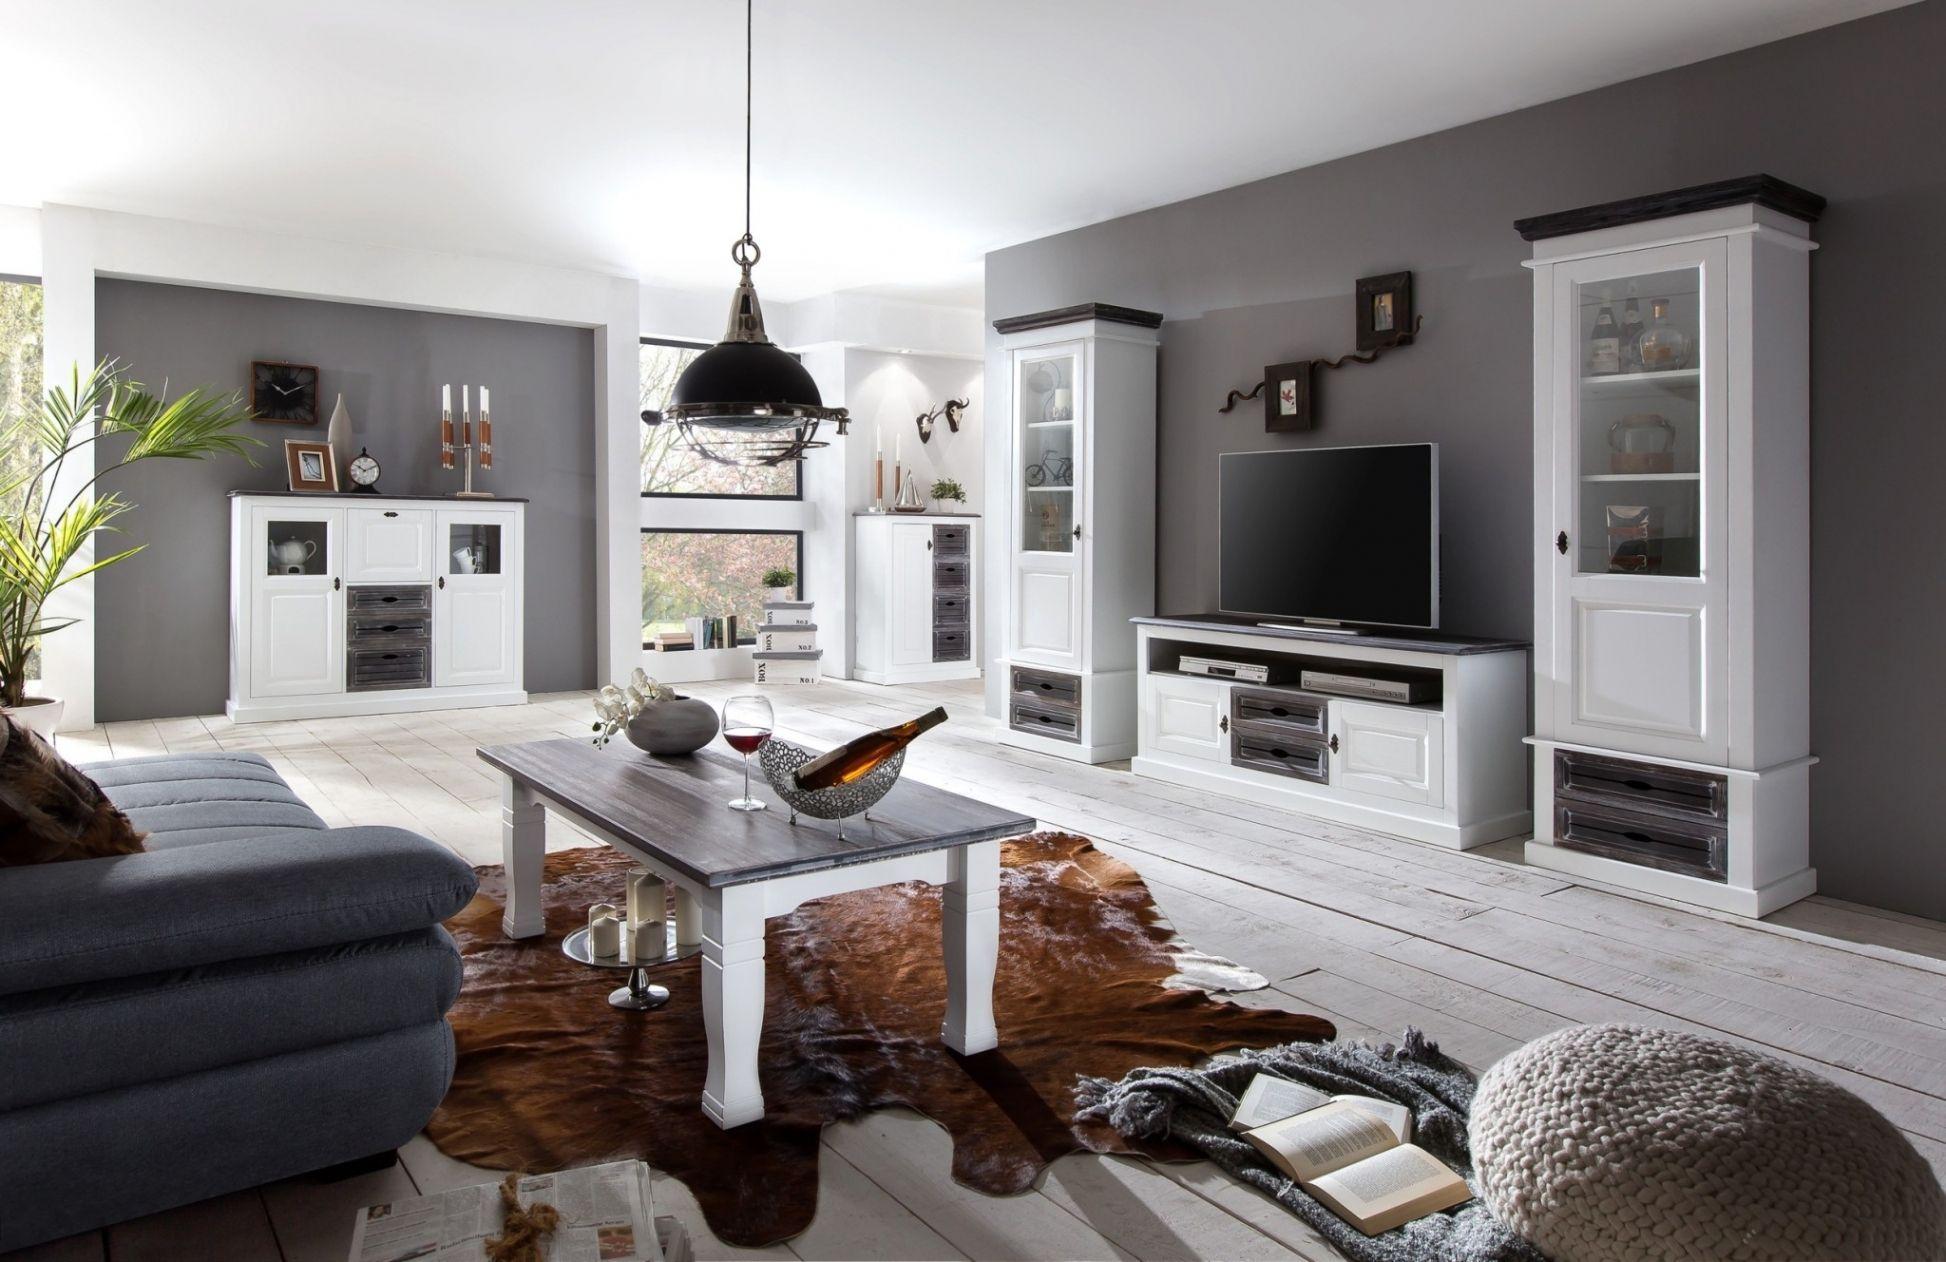 Elegant Wohnzimmer Ideen Vintage